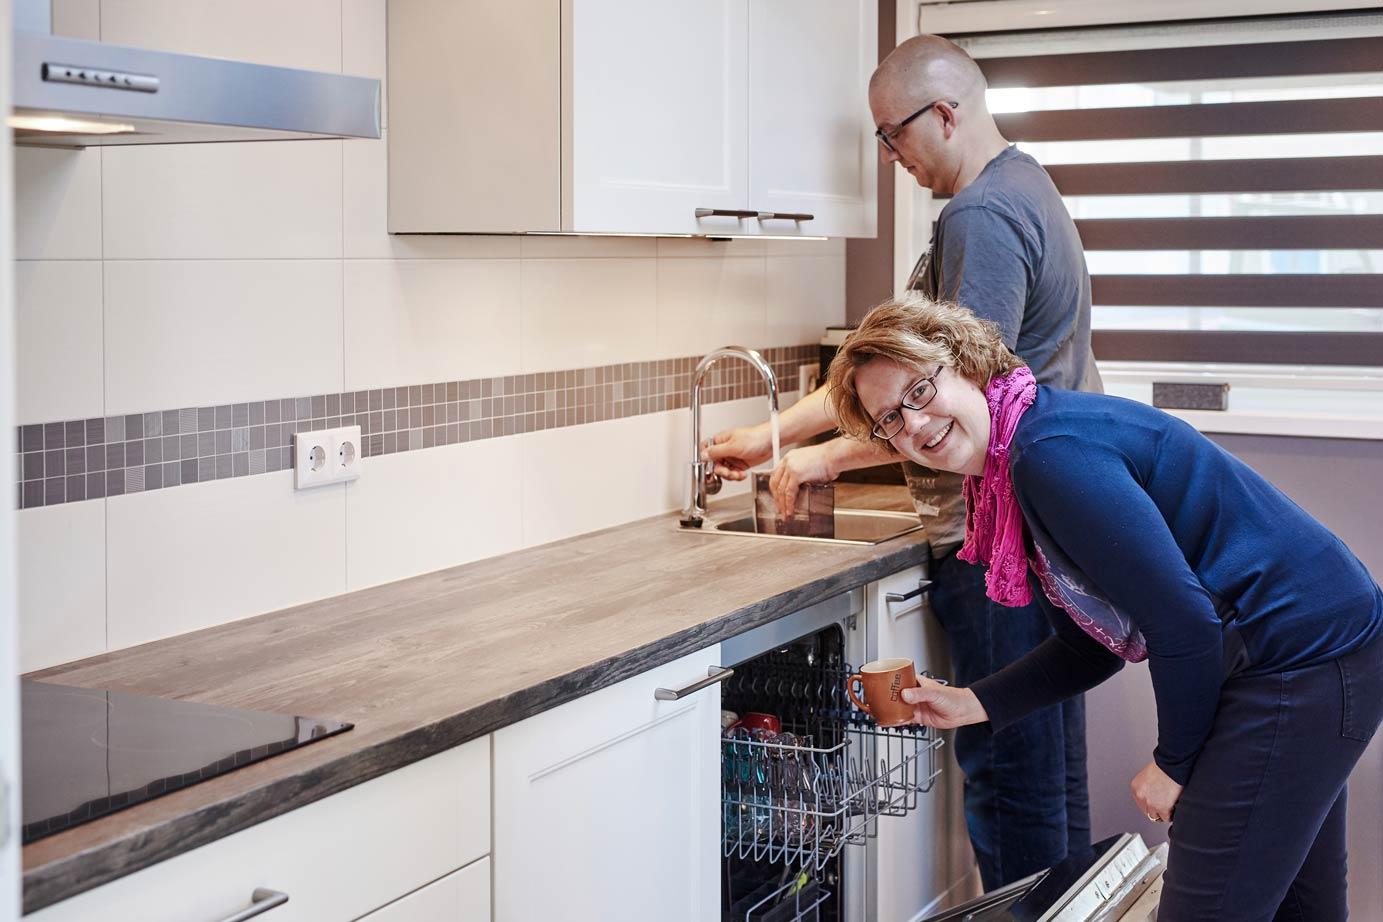 Keukens Zeeuws Vlaanderen : Tijdloze keuken kopen in zeeuws vlaanderen lees deze